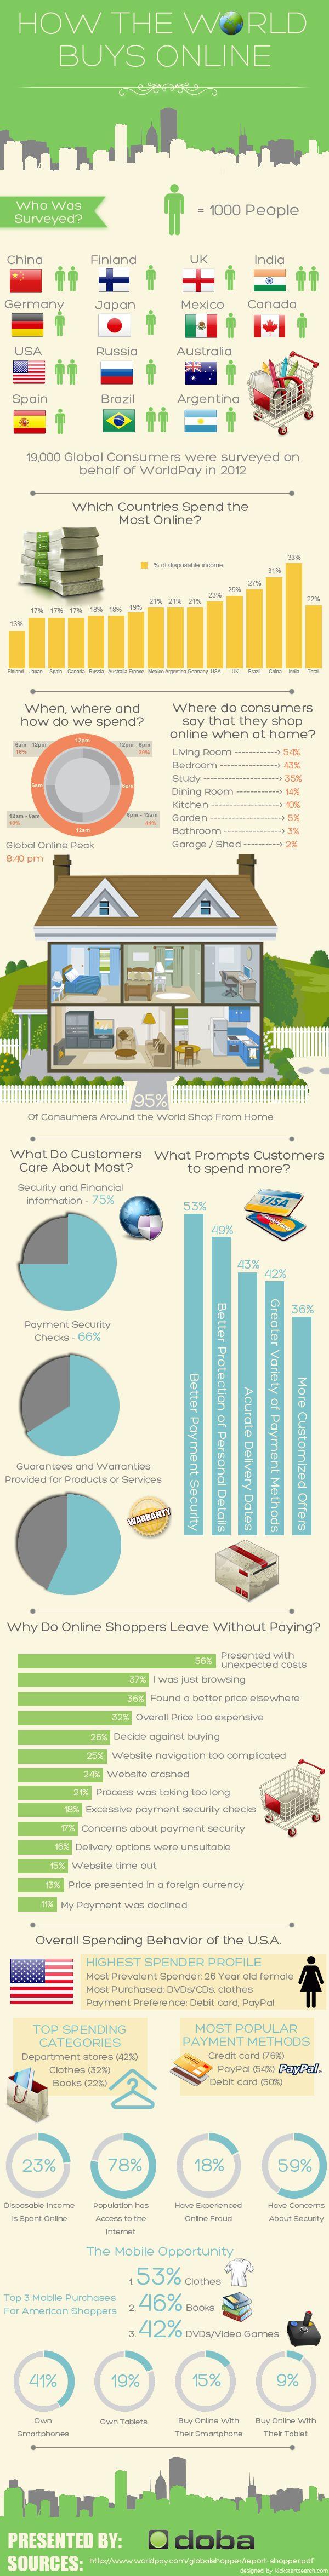 El comercio online en el Mundo – Infografía